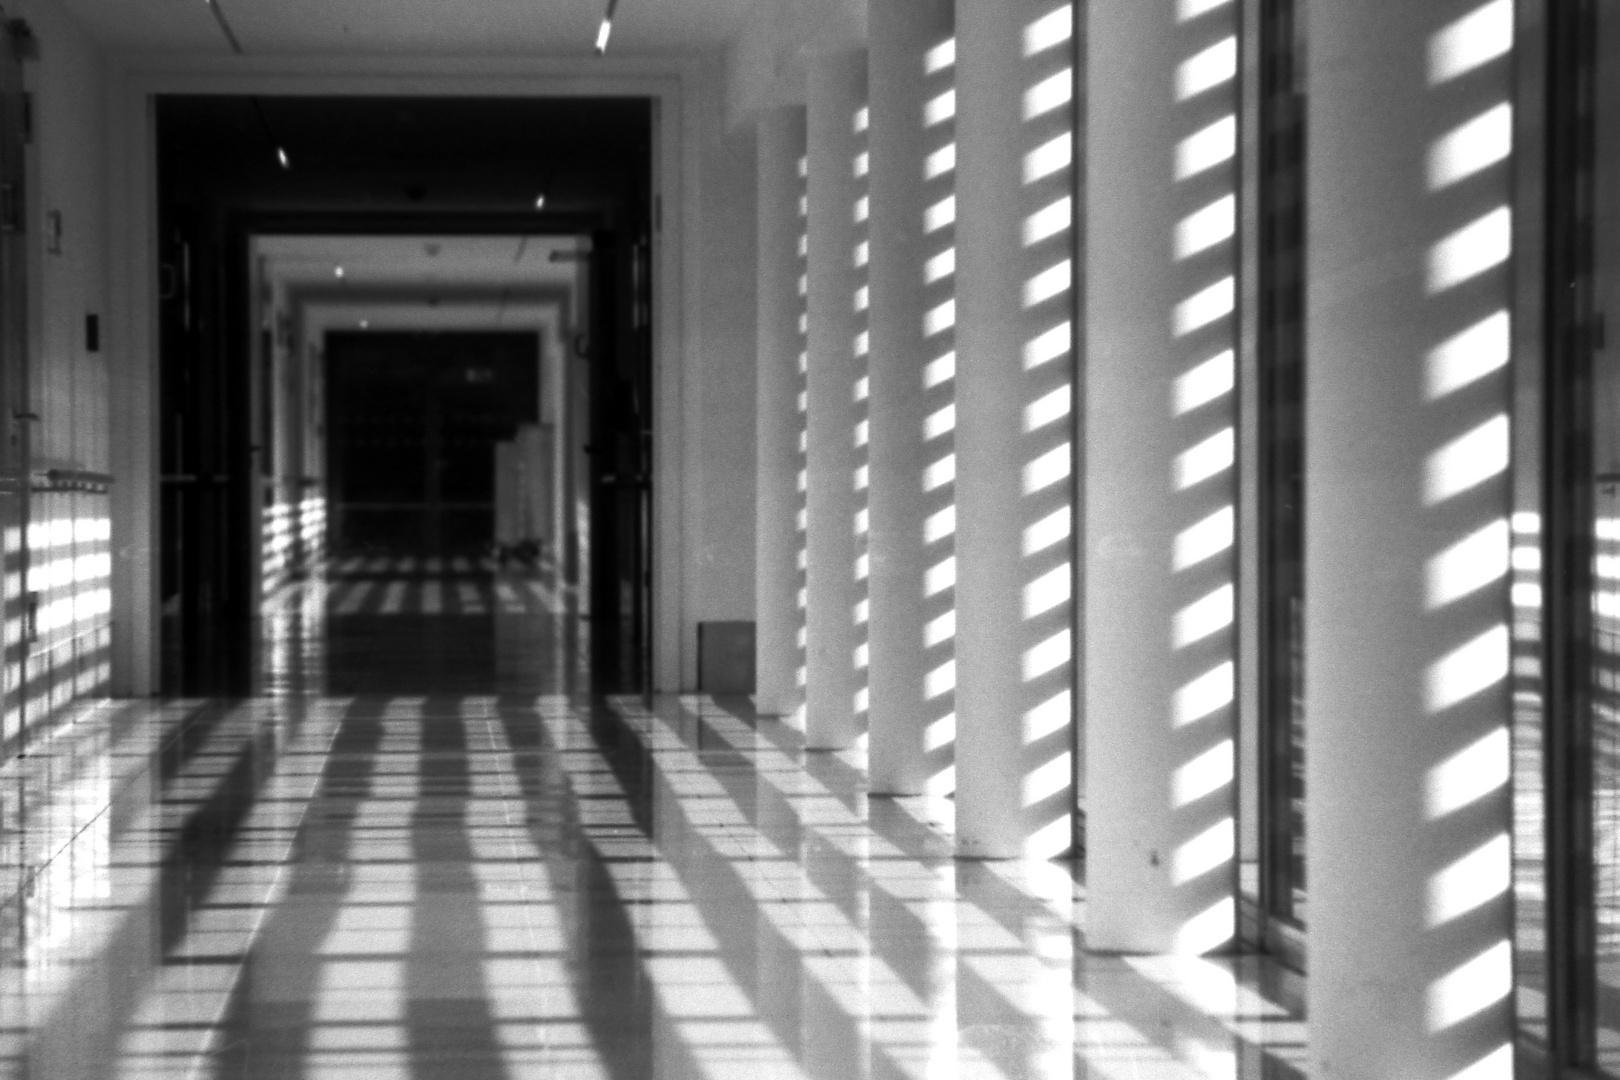 Korridor im Krankenhaus